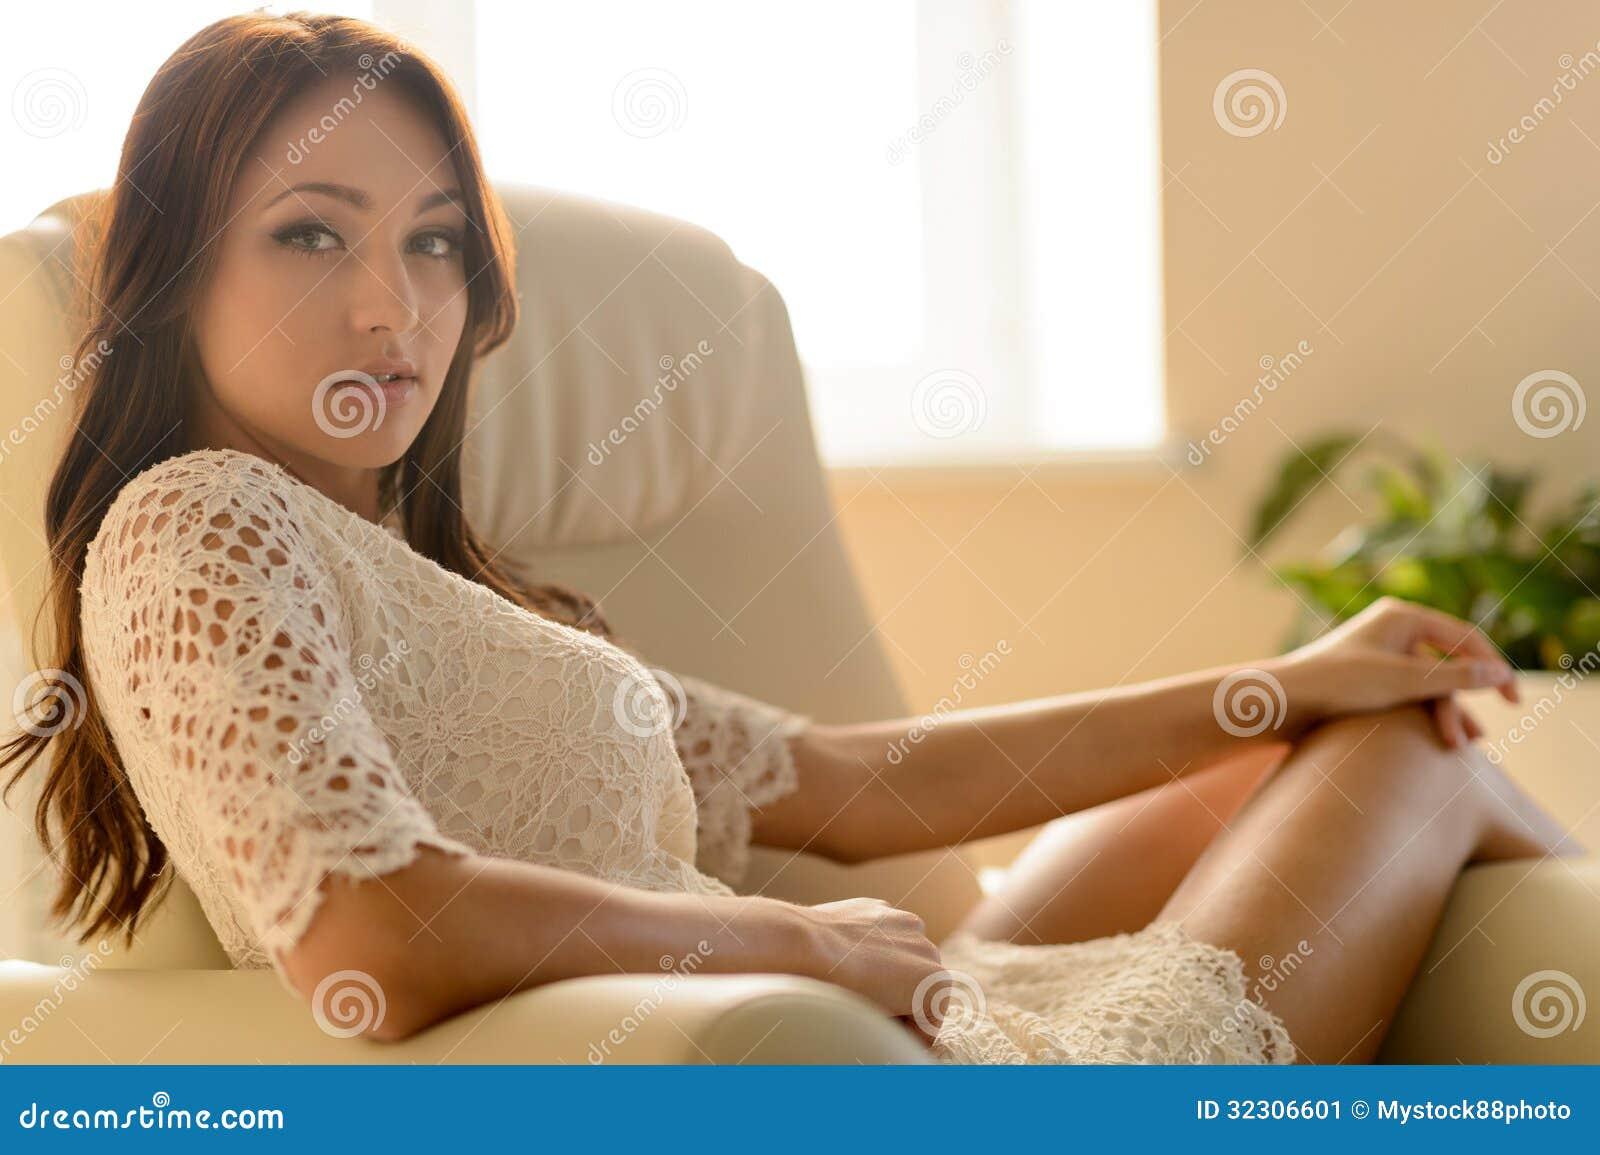 kostenlose sex sex am stuhl